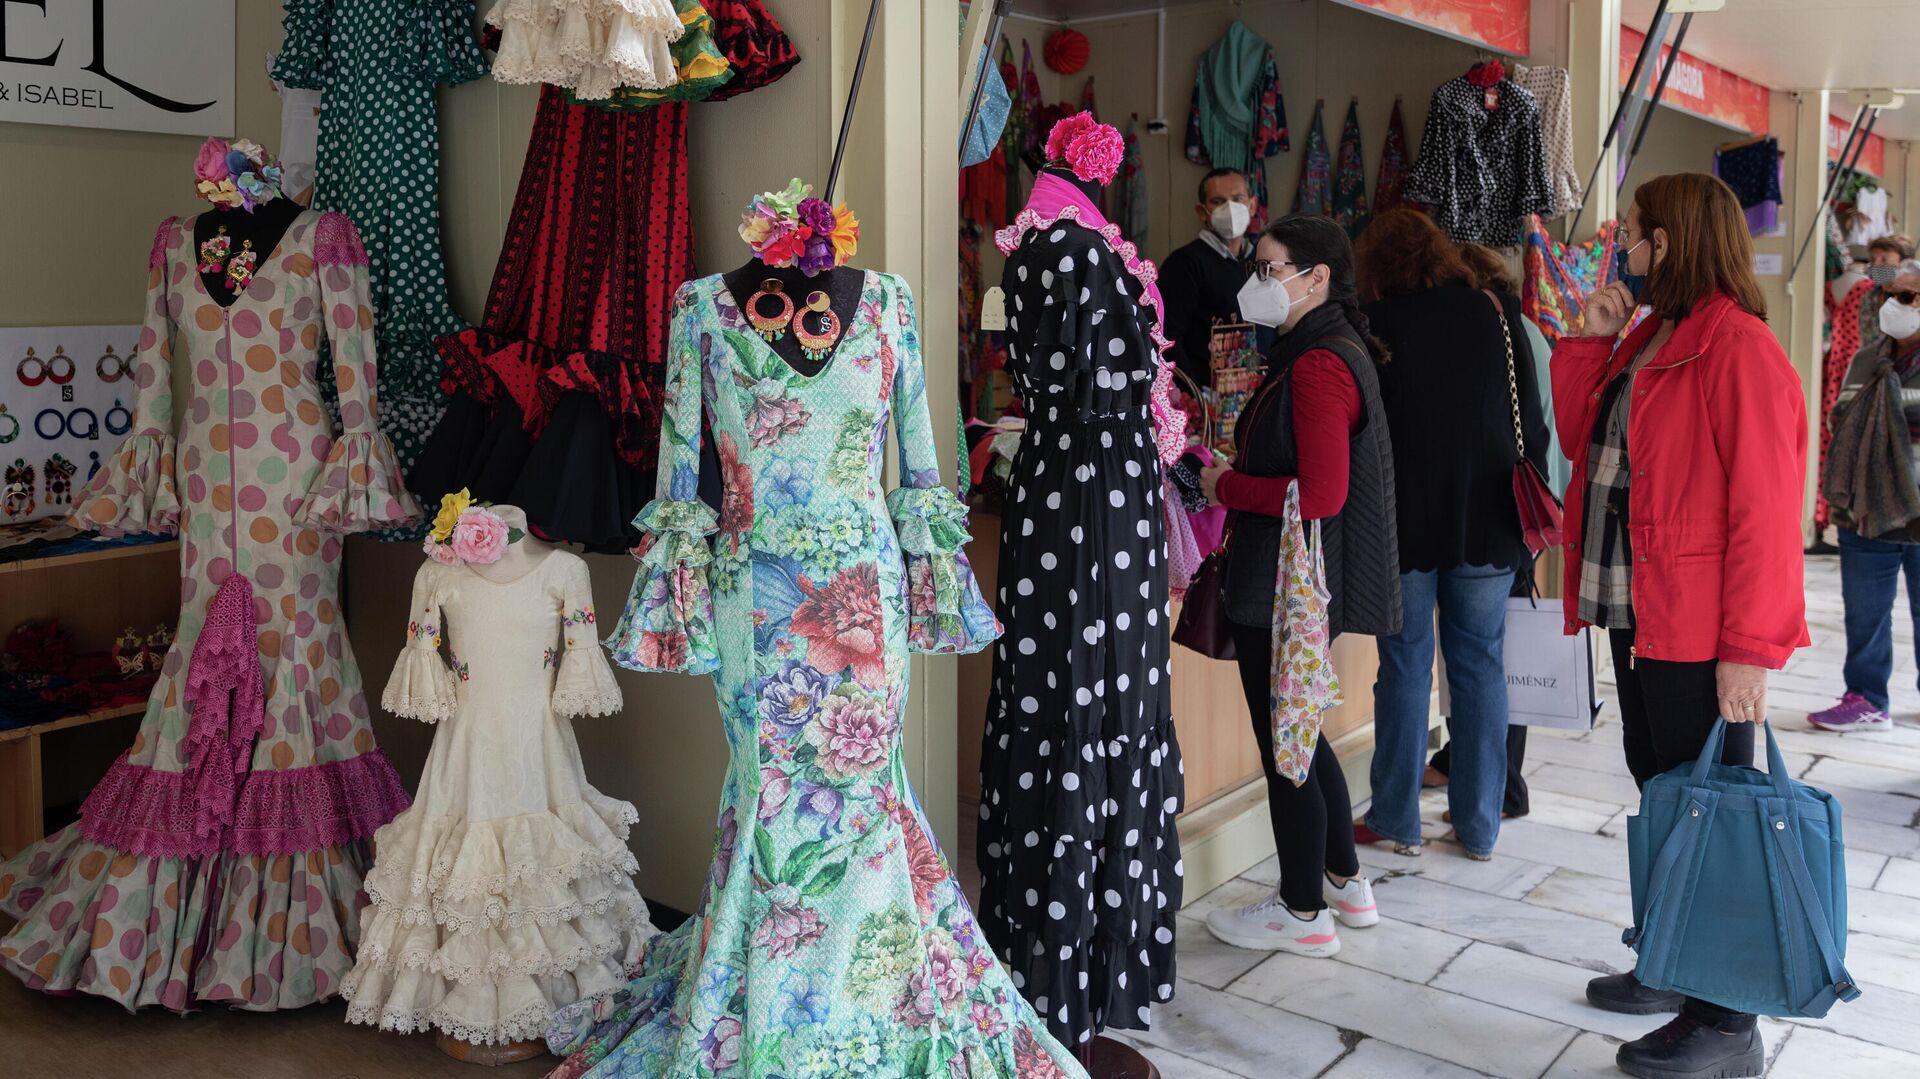 Trajes de flamenca en el mercado de moda flamenca de la Feria de Abril (Sevilla) - Sputnik Mundo, 1920, 19.04.2021